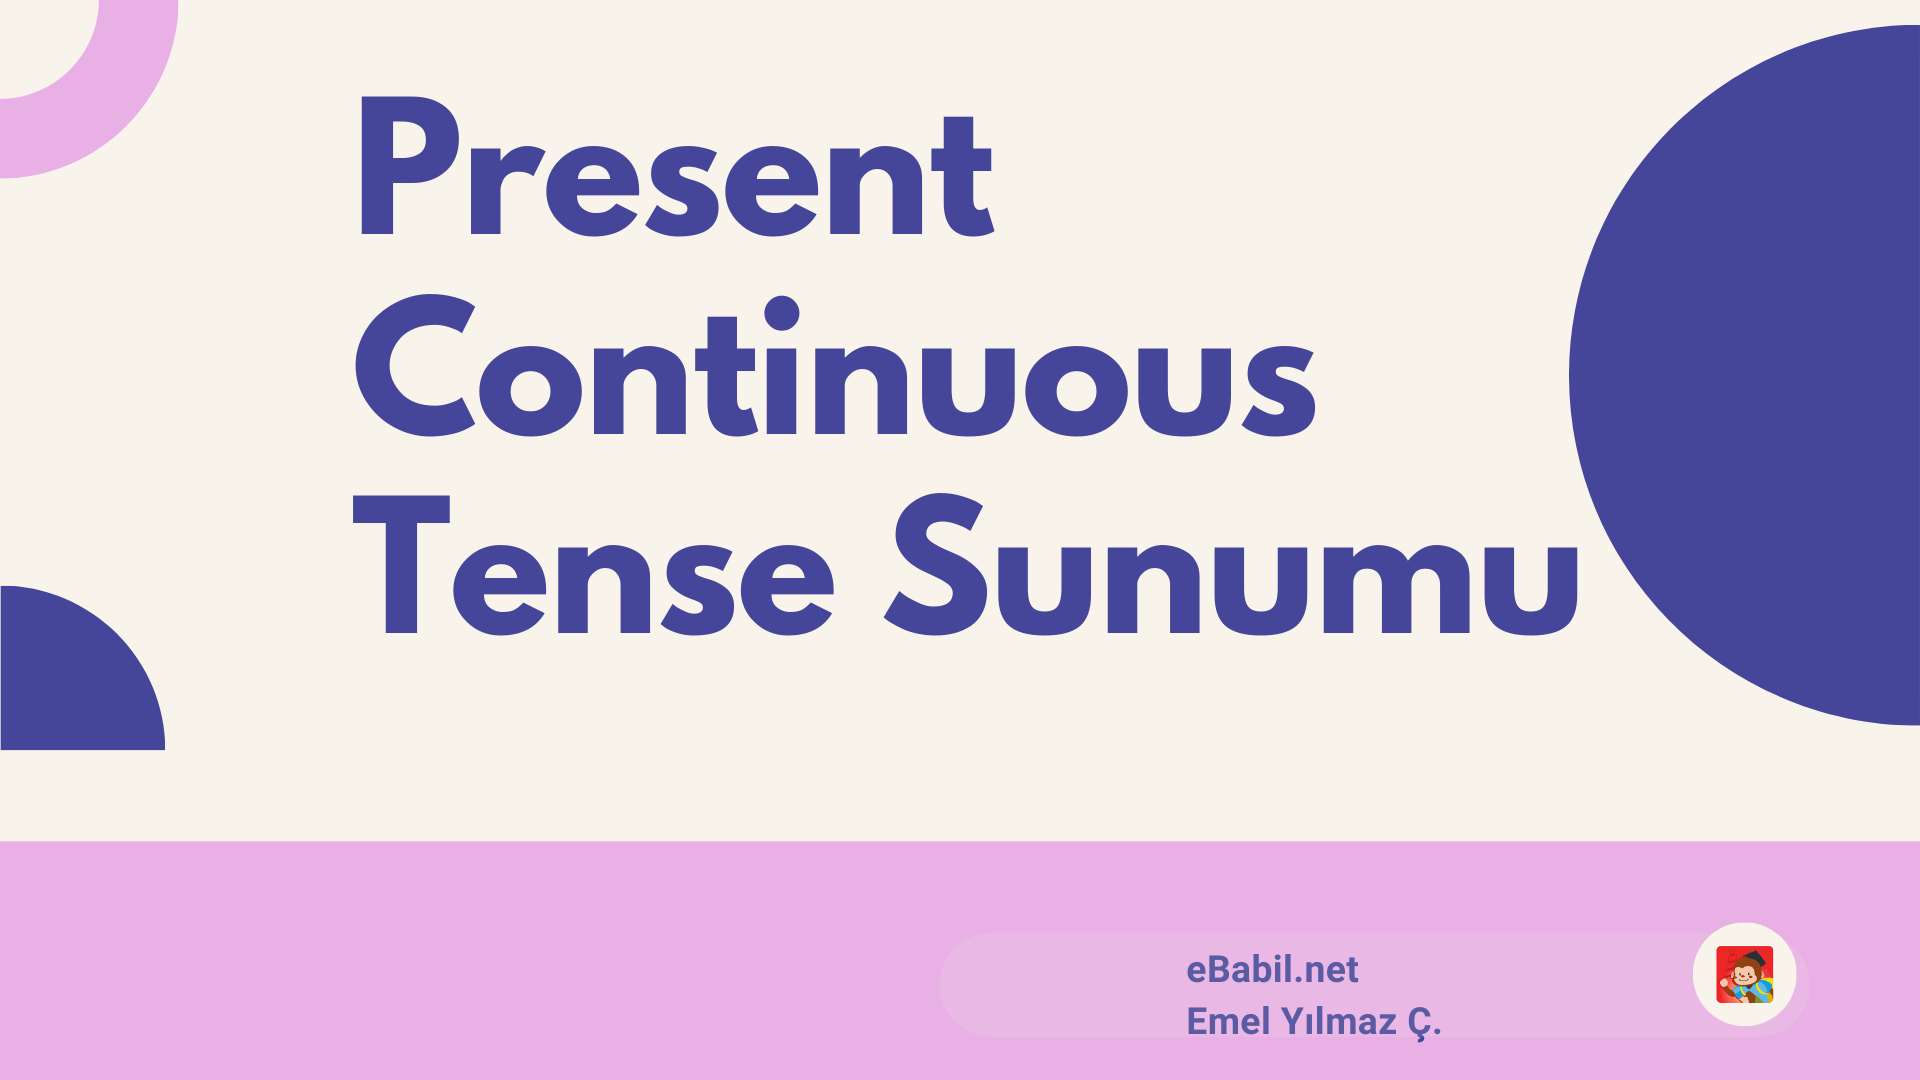 Present Continuous Tense Kullanımı ve Örnek Cümleleri Sunumu (İngilizce Şimdiki Zaman)